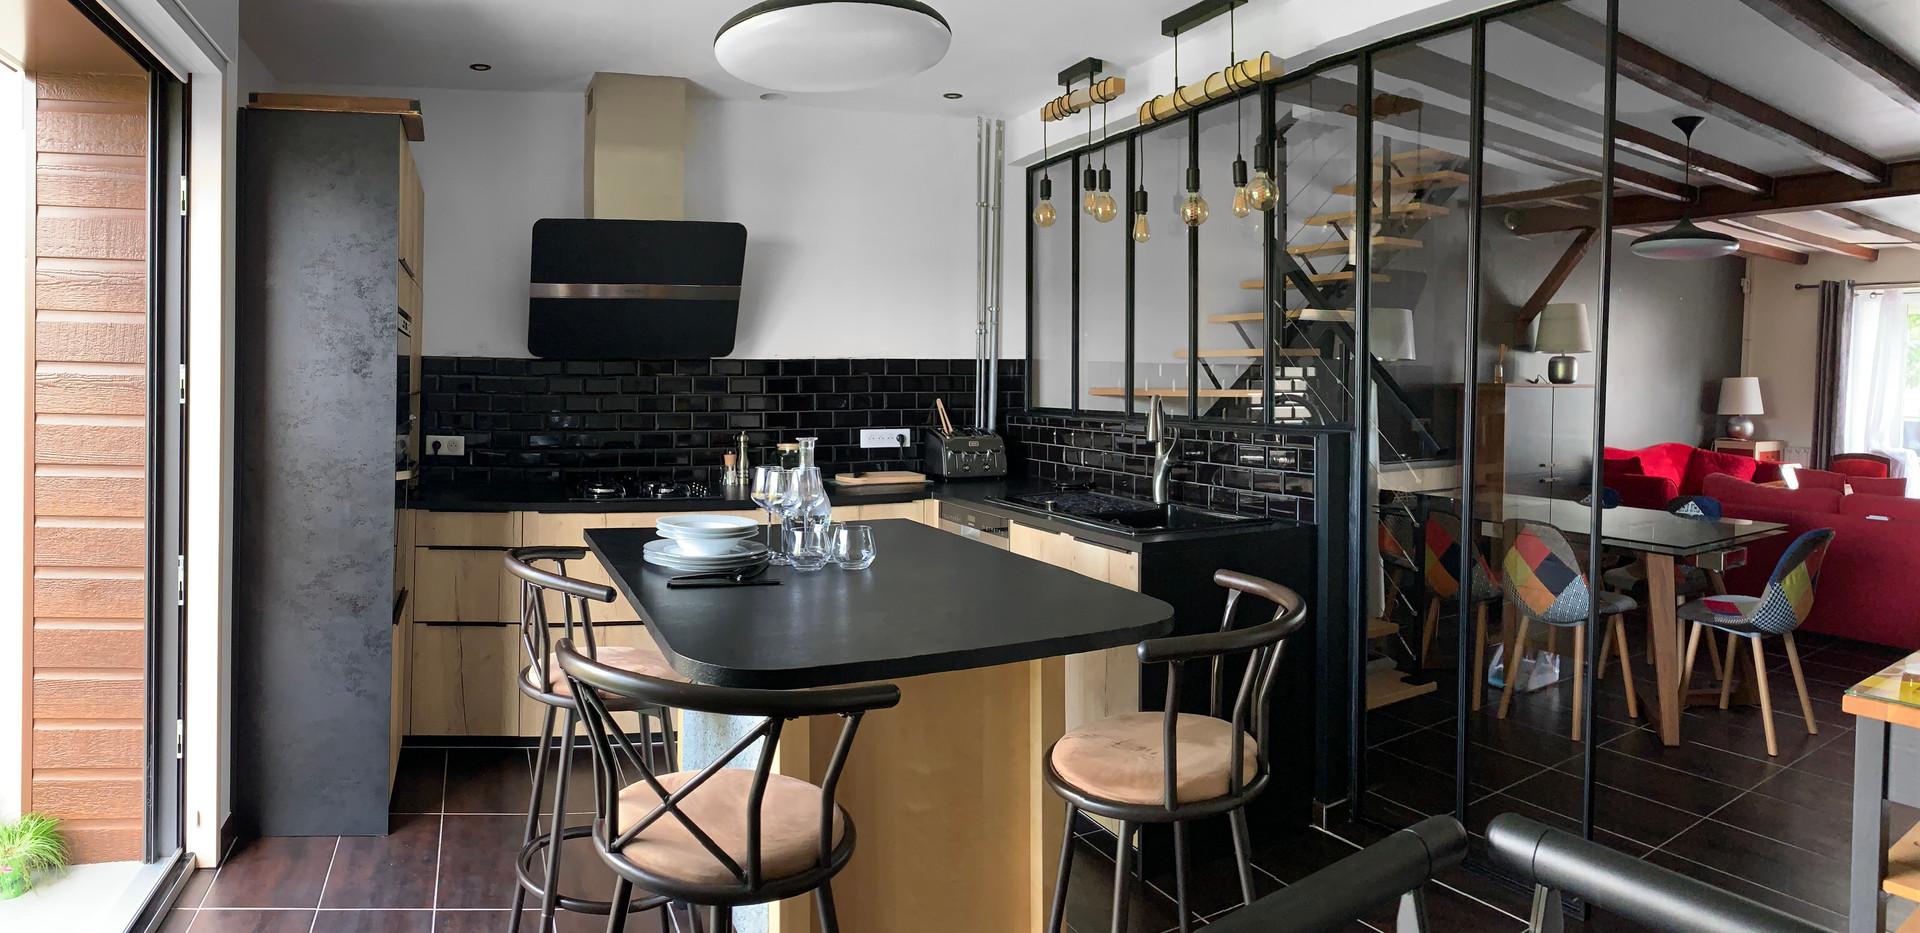 La nouvelle cuisine est plus lumineuse grâce à une grande baie vitrée et l'installation d'une verrière toute hauteur